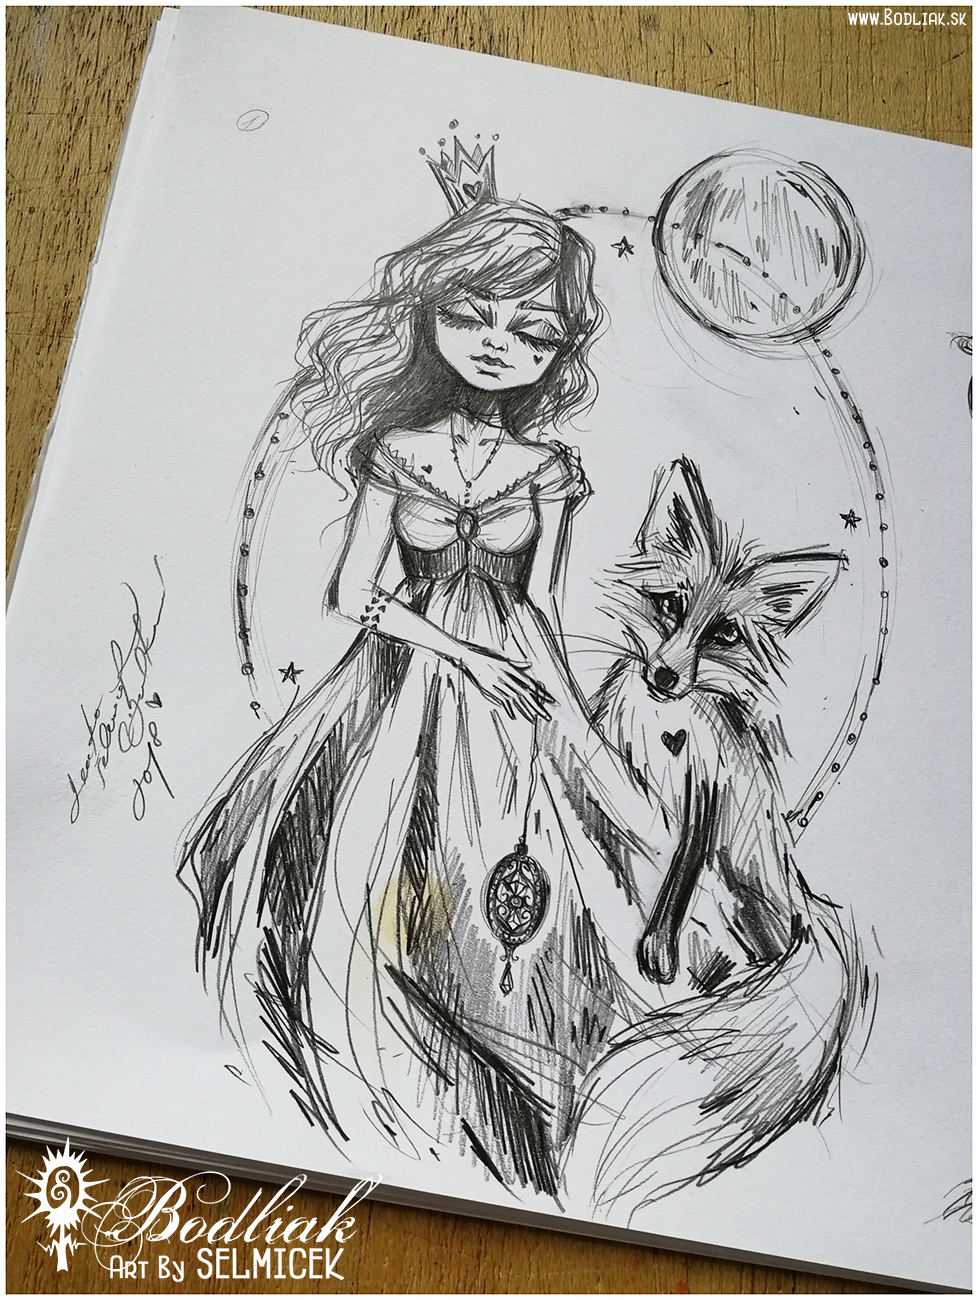 O princezne a líške   autor: Selmicek   o princezne a líške  - 21cm x 14cm